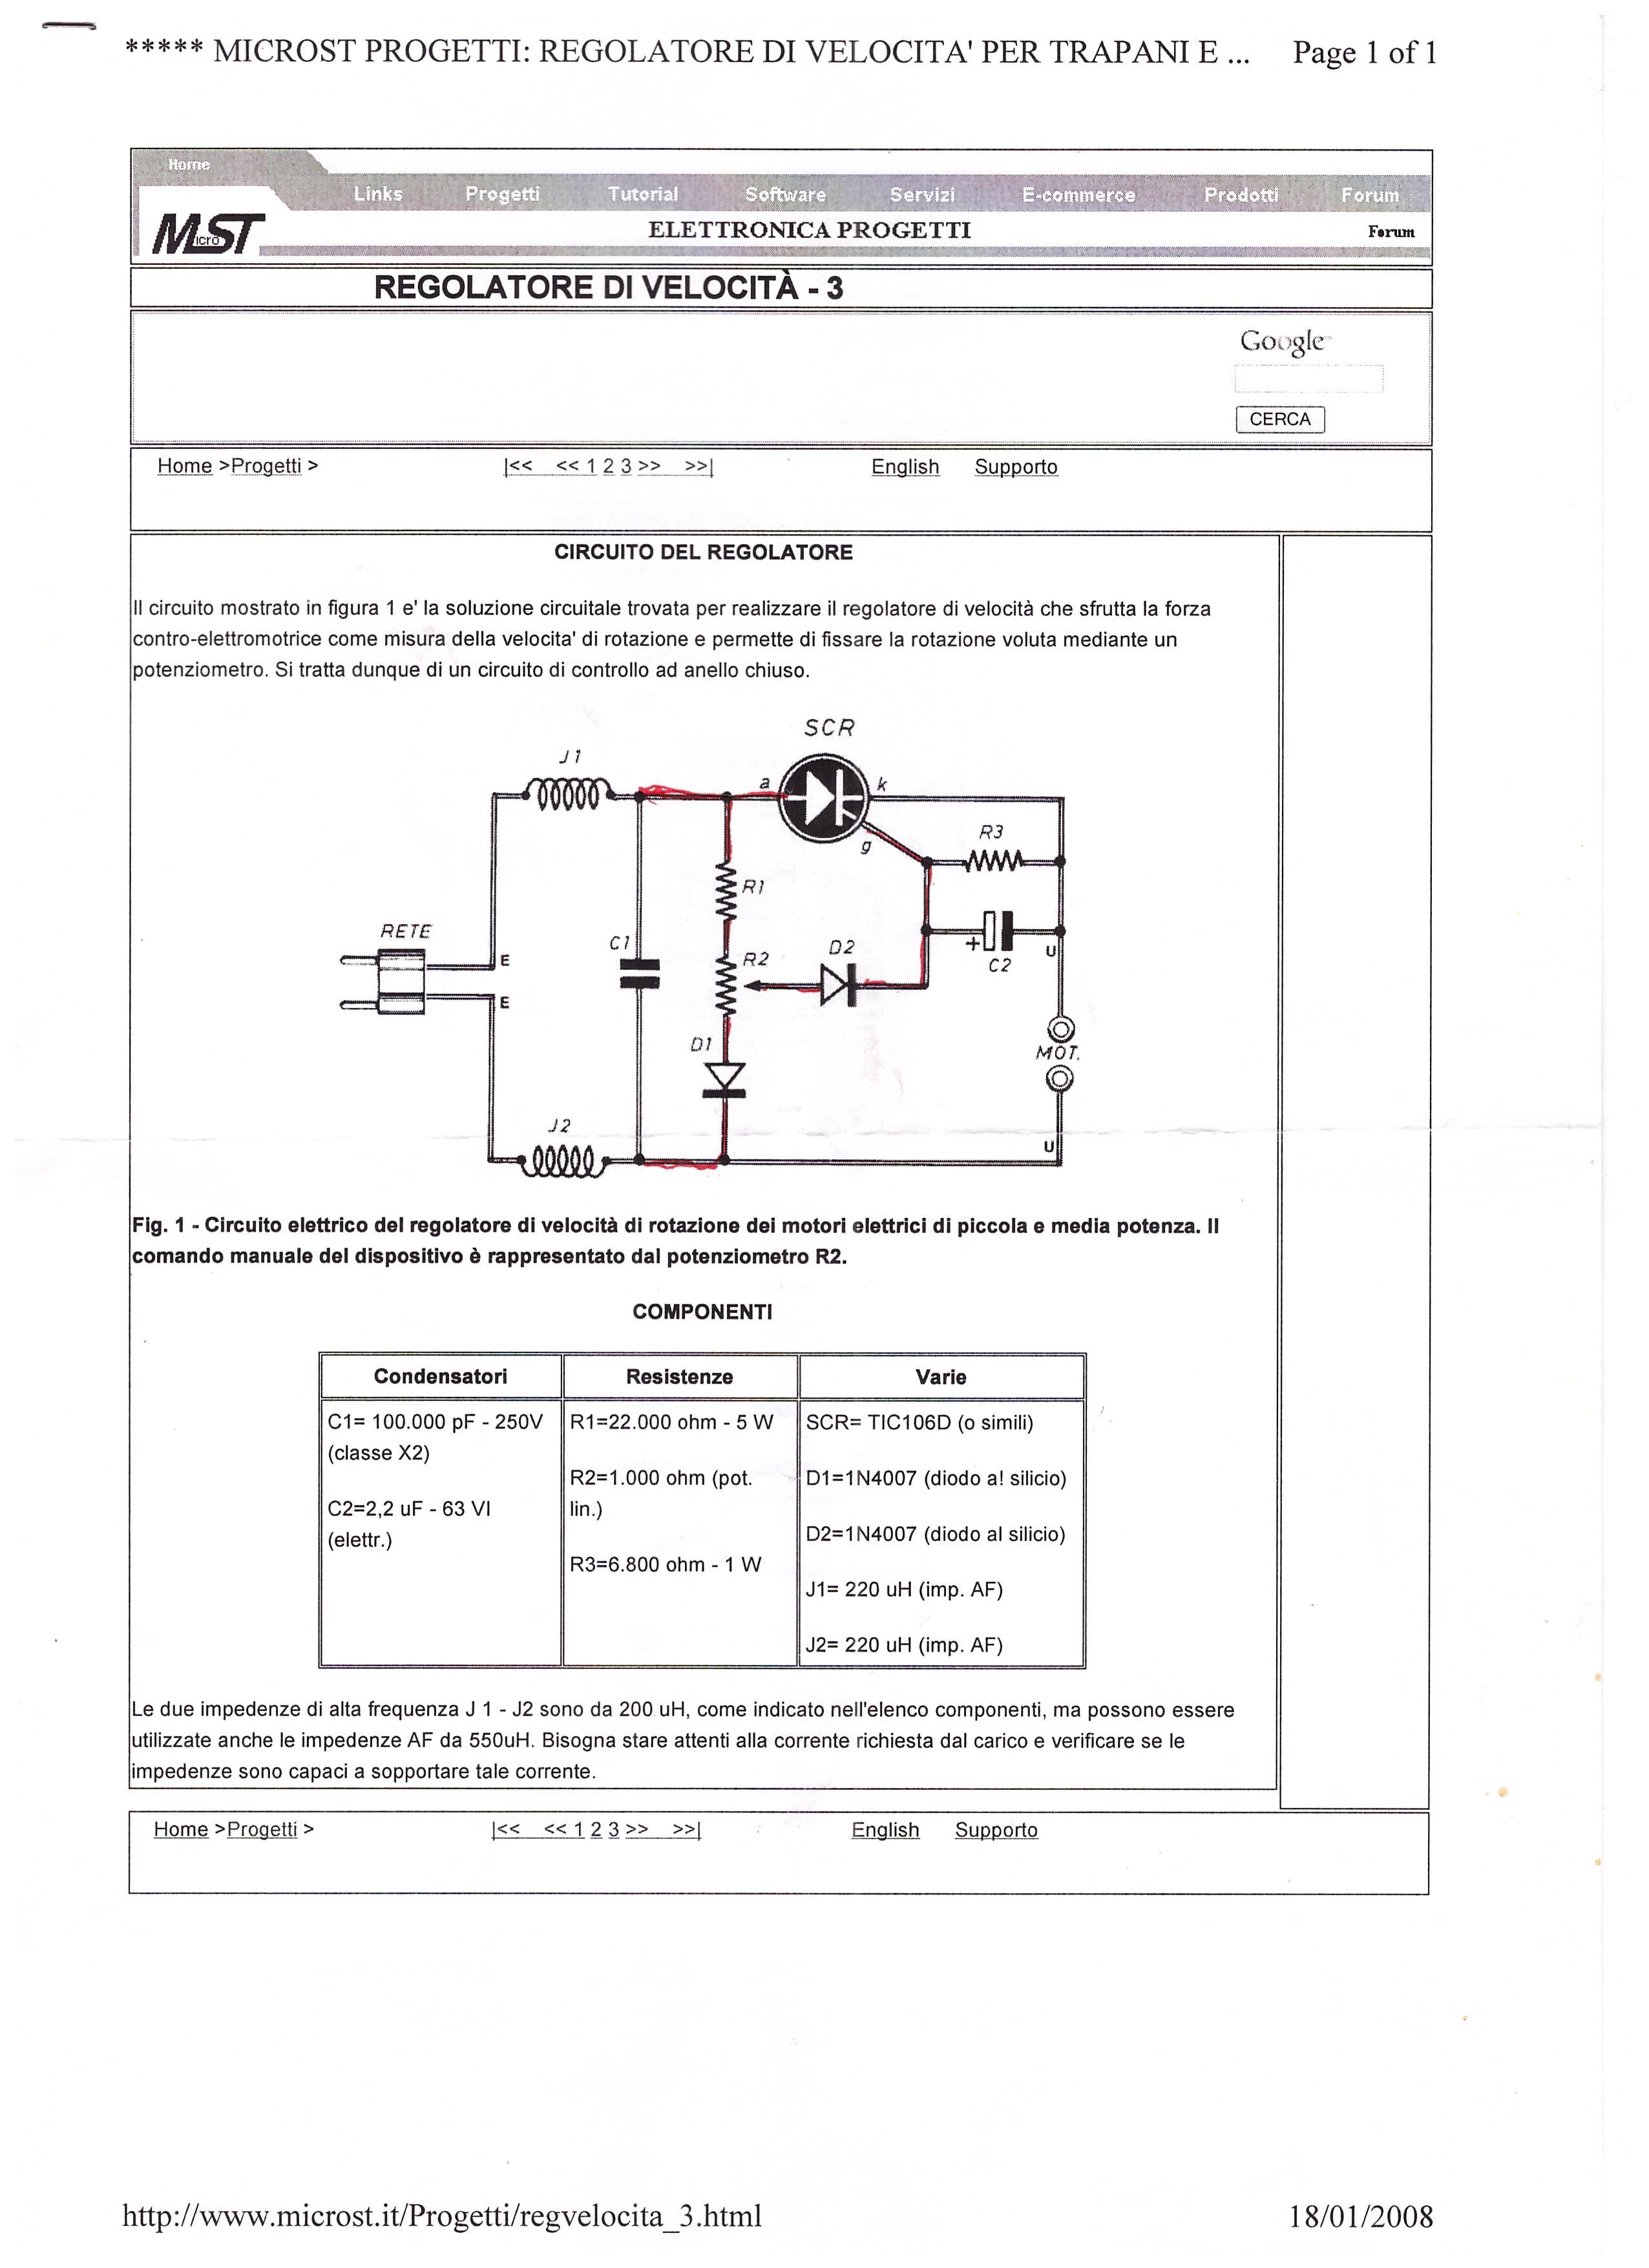 Orologiko leggi argomento variatore di velocita 39 for Pedale elettrico per macchina da cucire